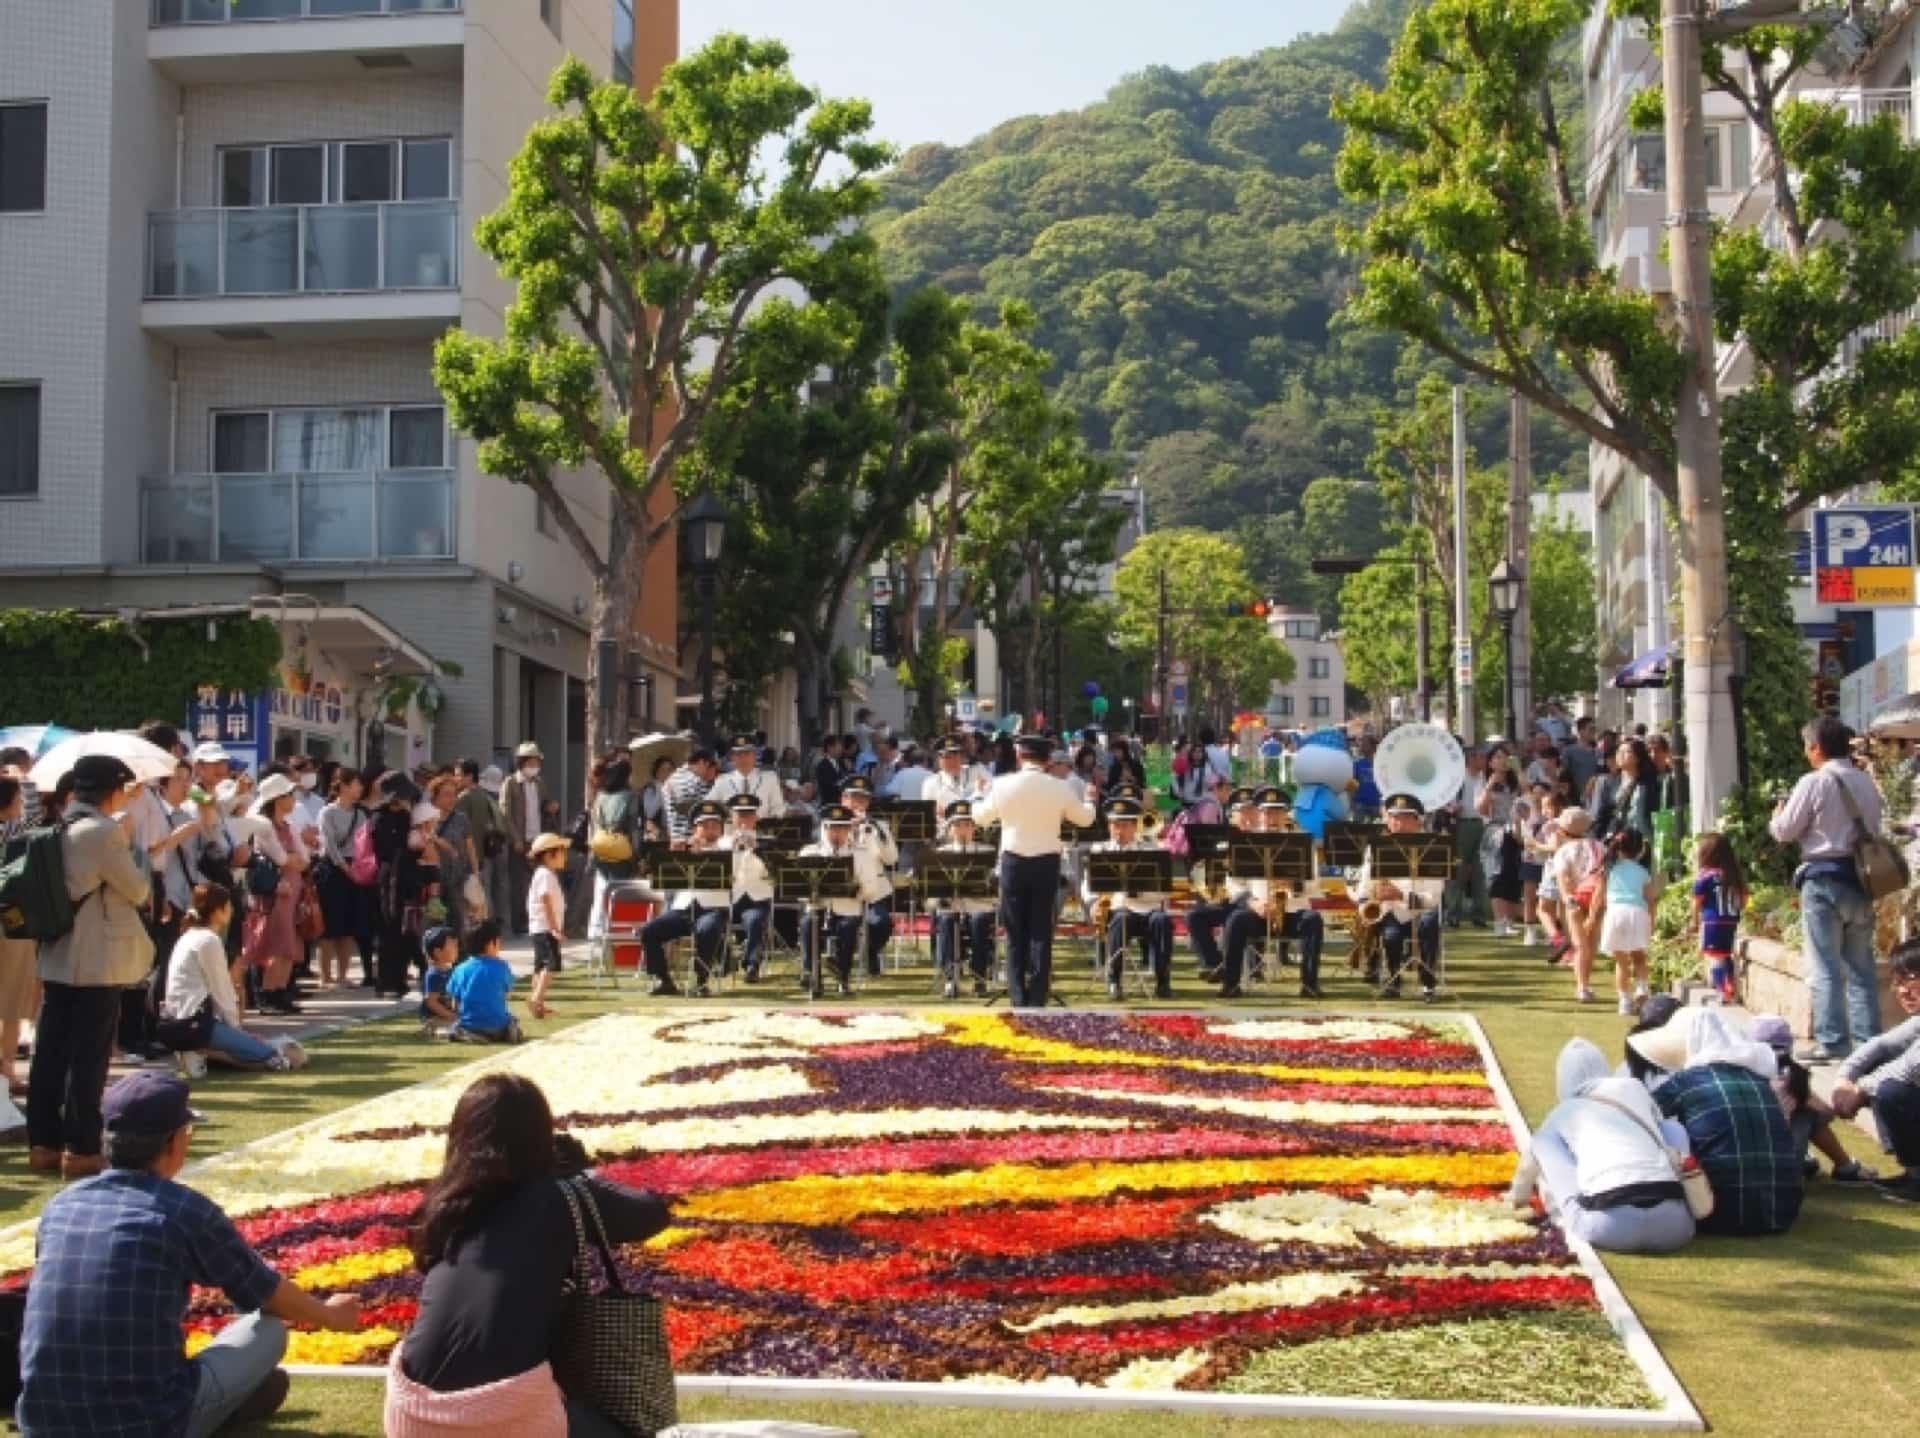 【中止】「インフィオラータこうべ2020」開催期間・場所をチェック!GWは花いっぱいの神戸へ